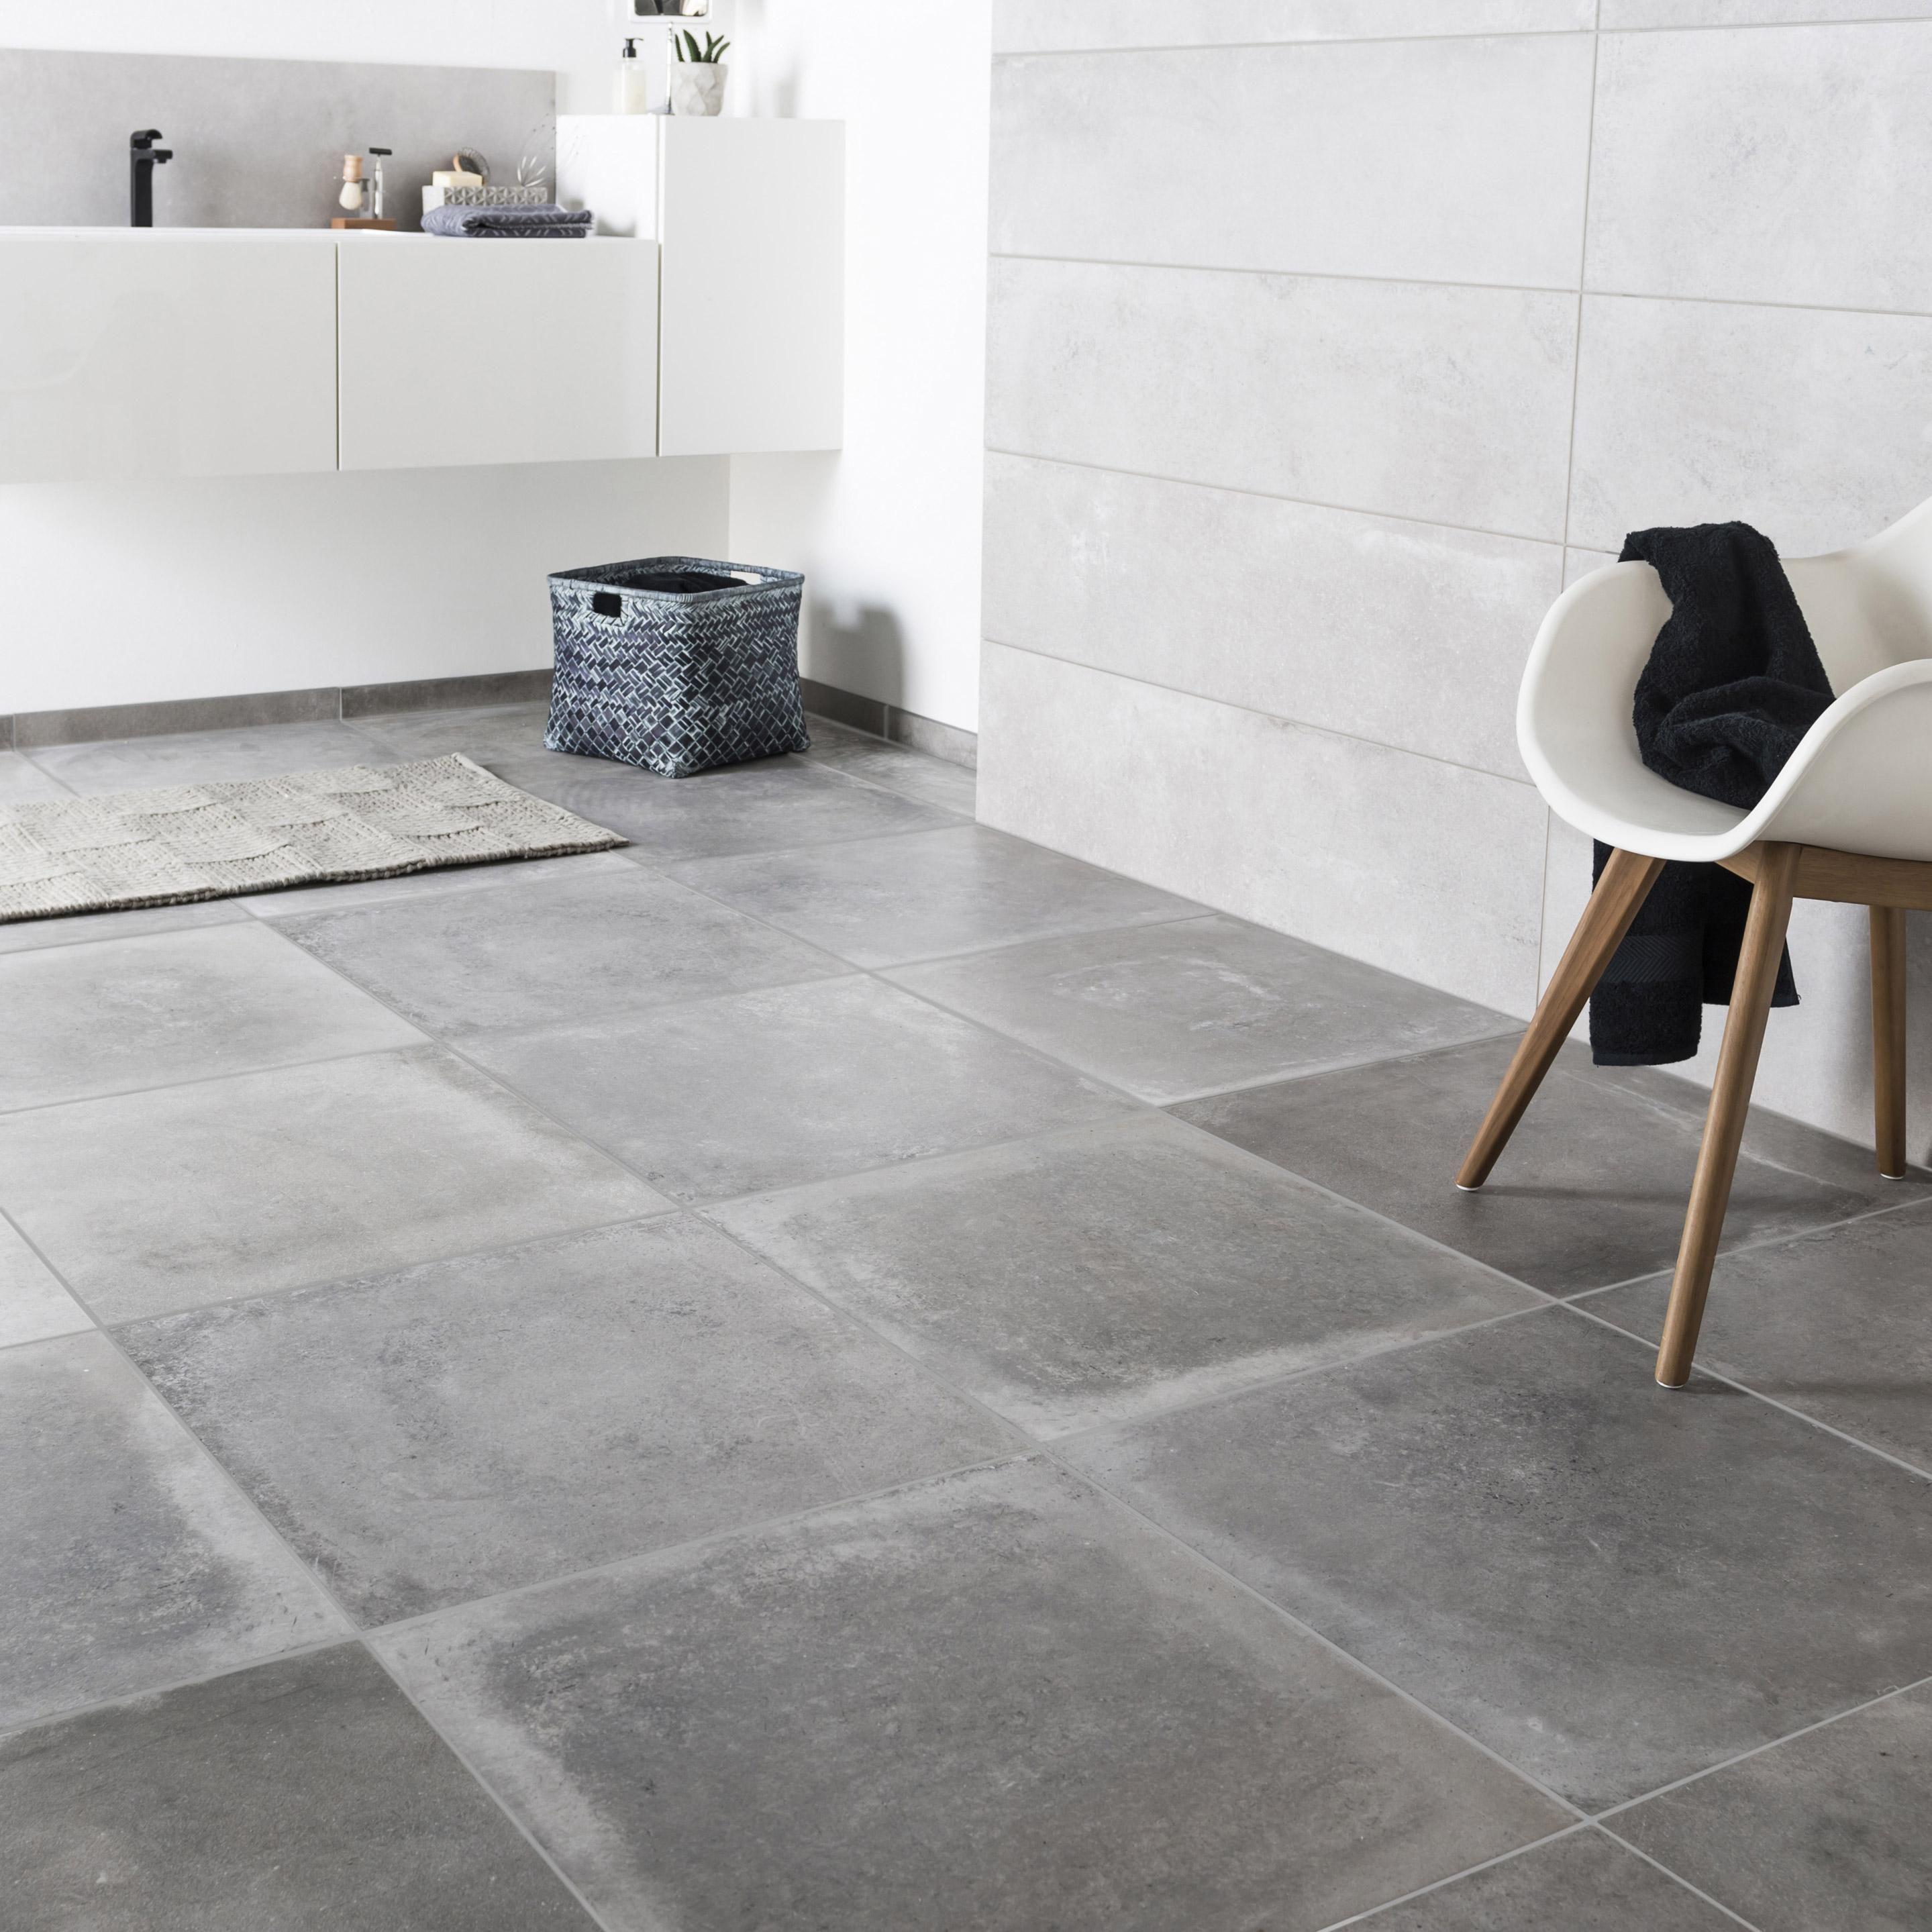 Prix Beton Ciré Sol carrelage sol et mur intenso effet béton gris cendre harlem